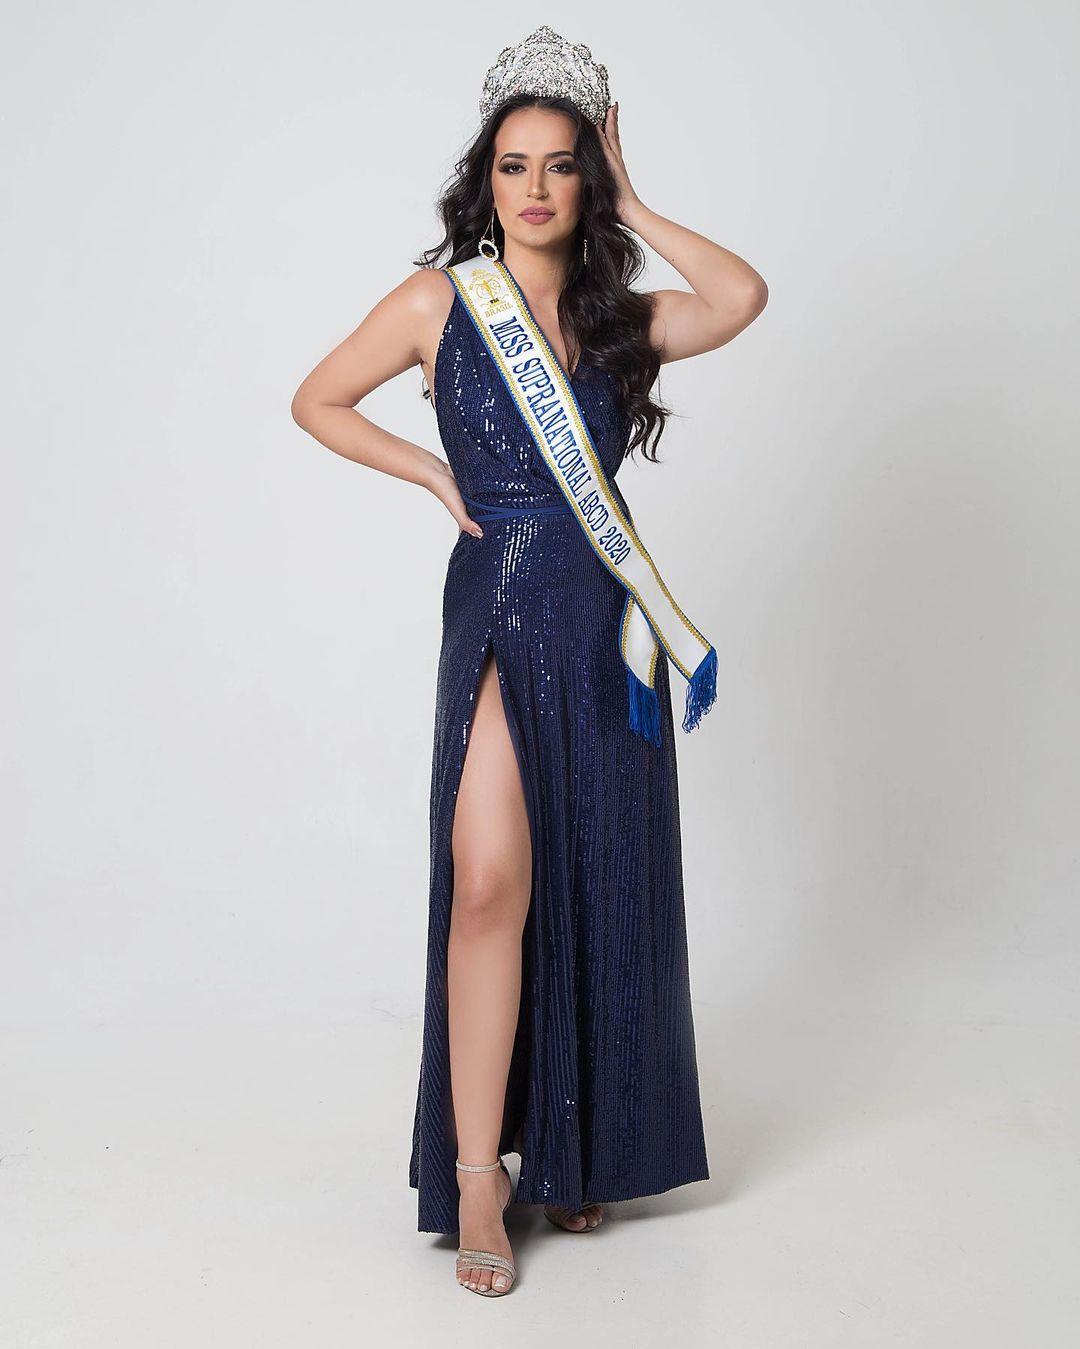 flavia polido, miss supranational abcd 2020/miss brasil intercontinental 2018-2019. - Página 7 Flavia22